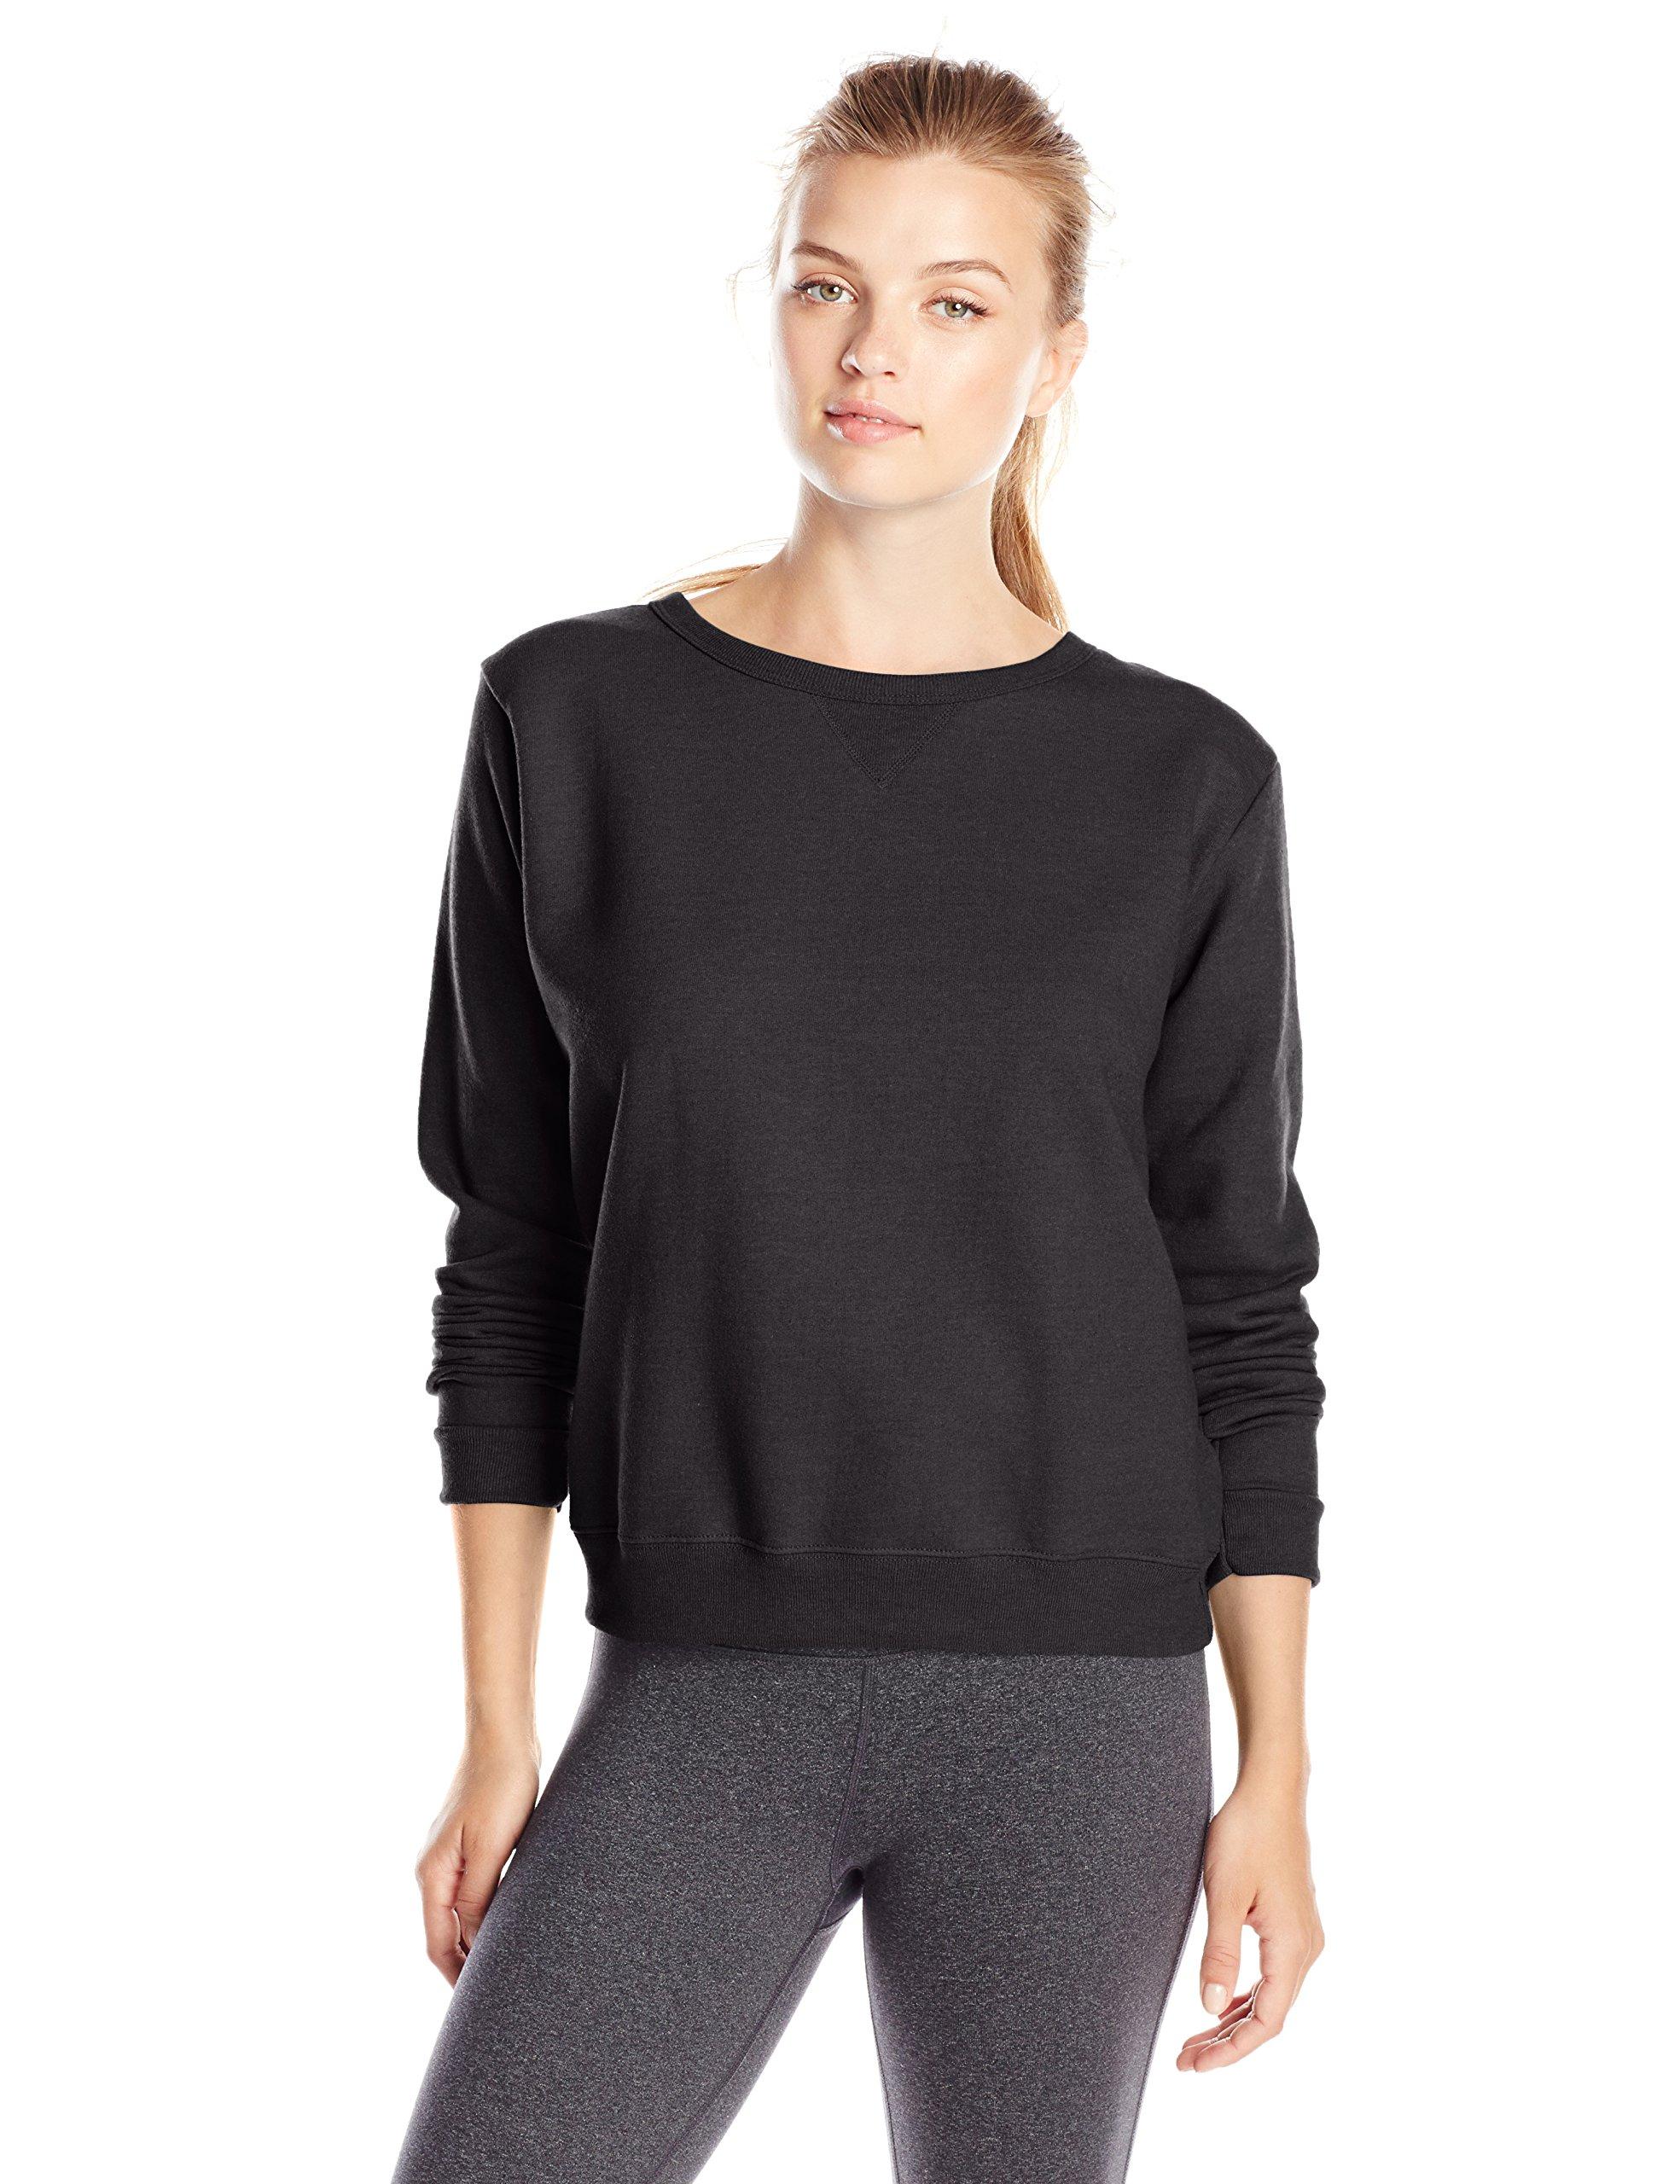 Hanes Women's V-Notch Pullover Fleece Sweatshirt, Ebony, Medium